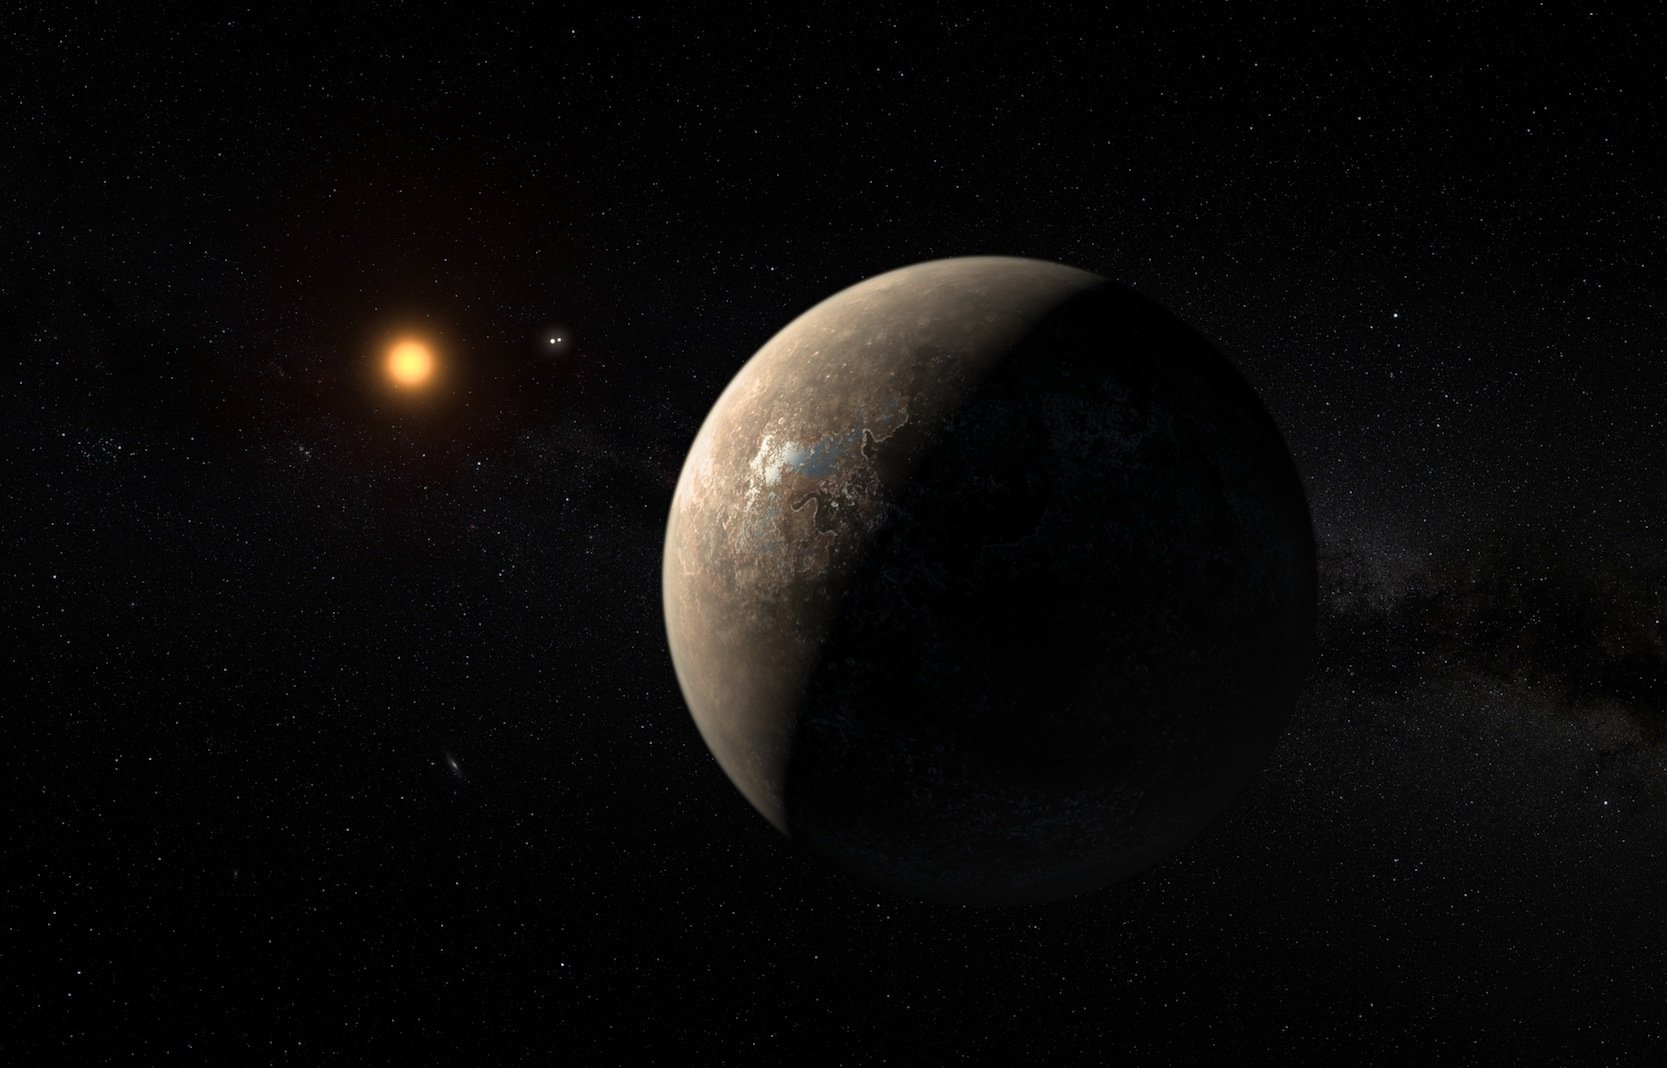 So könnte es aussehen: Im Vordergrund ist der erdähnliche Planet Proxima b zu sehen, der 11,2 Tage braucht, um seine Sonne, den roten Zwergstern Proxima Centauri, zu umkreisen.